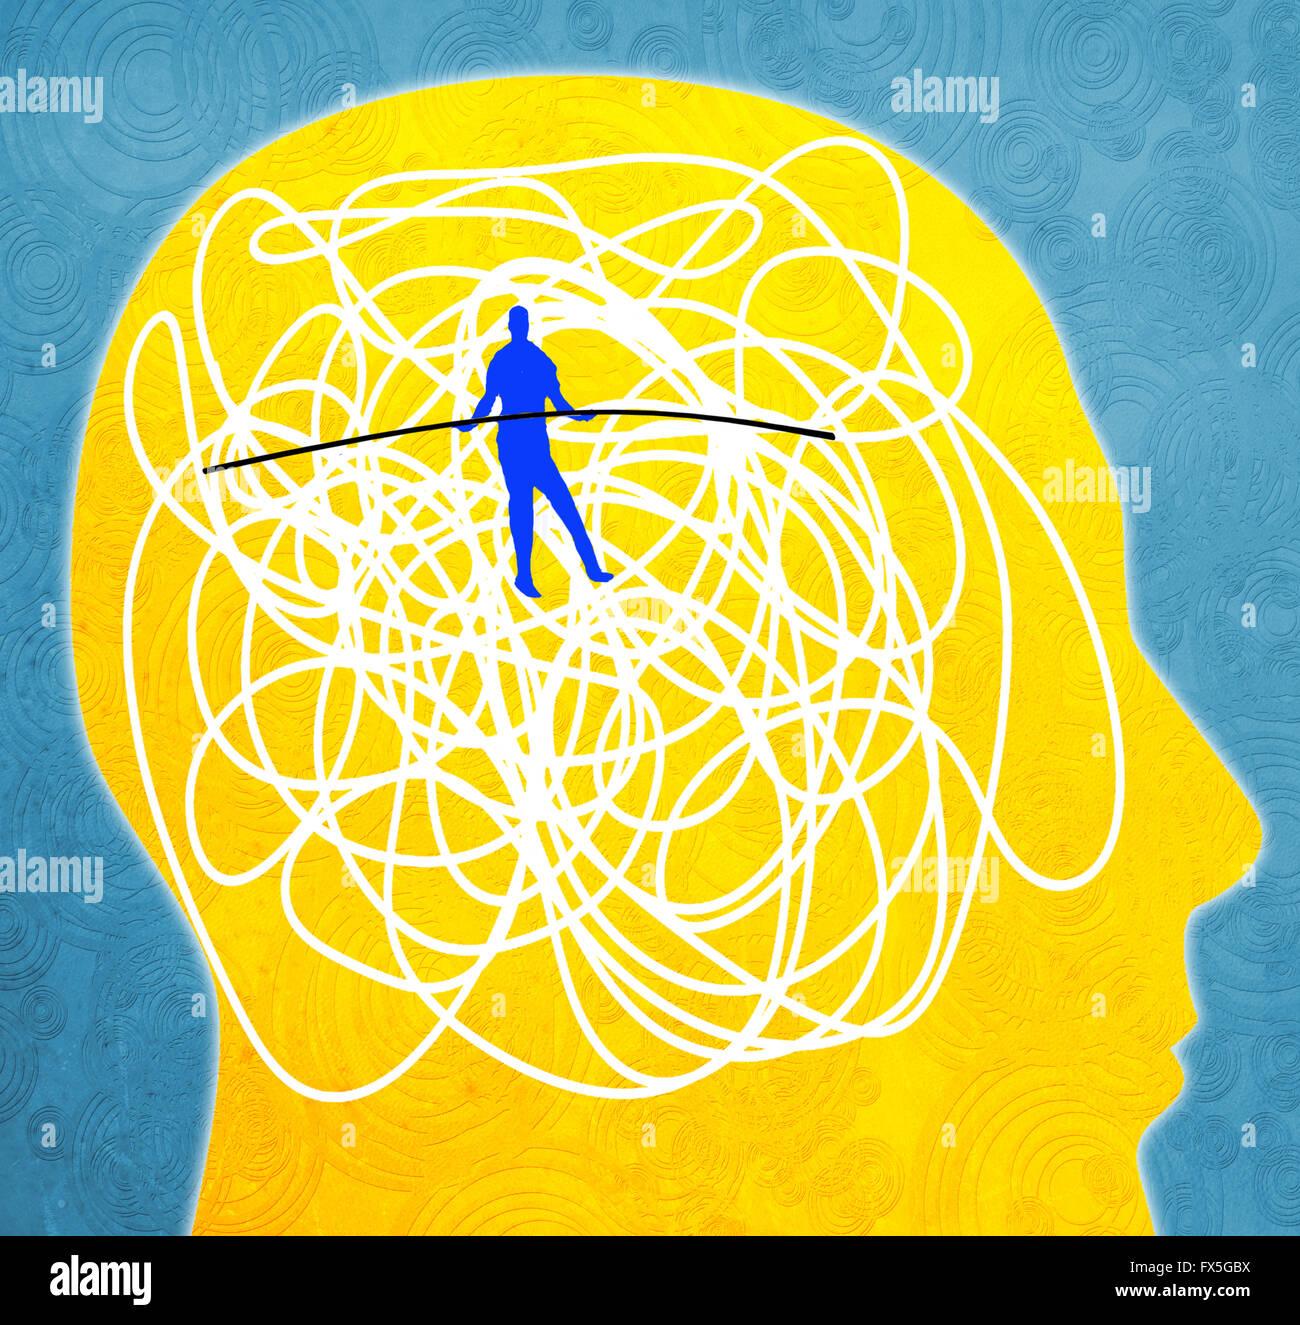 Concepto de trastorno mental con ilustración digital equilibrista Imagen De Stock